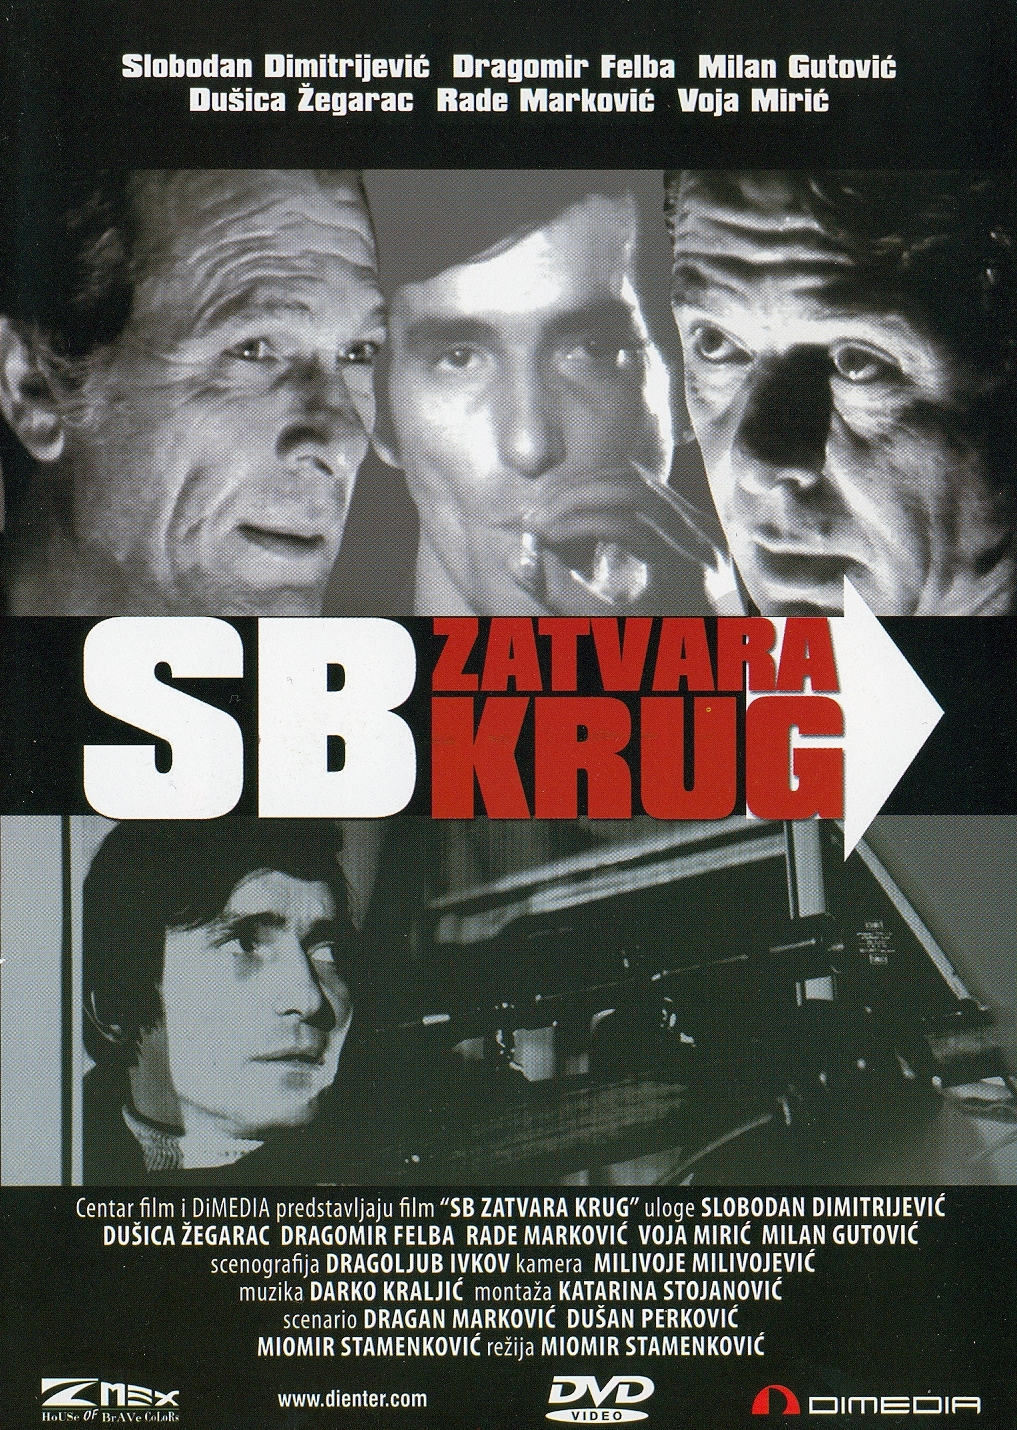 SB zatvara krug (1974)